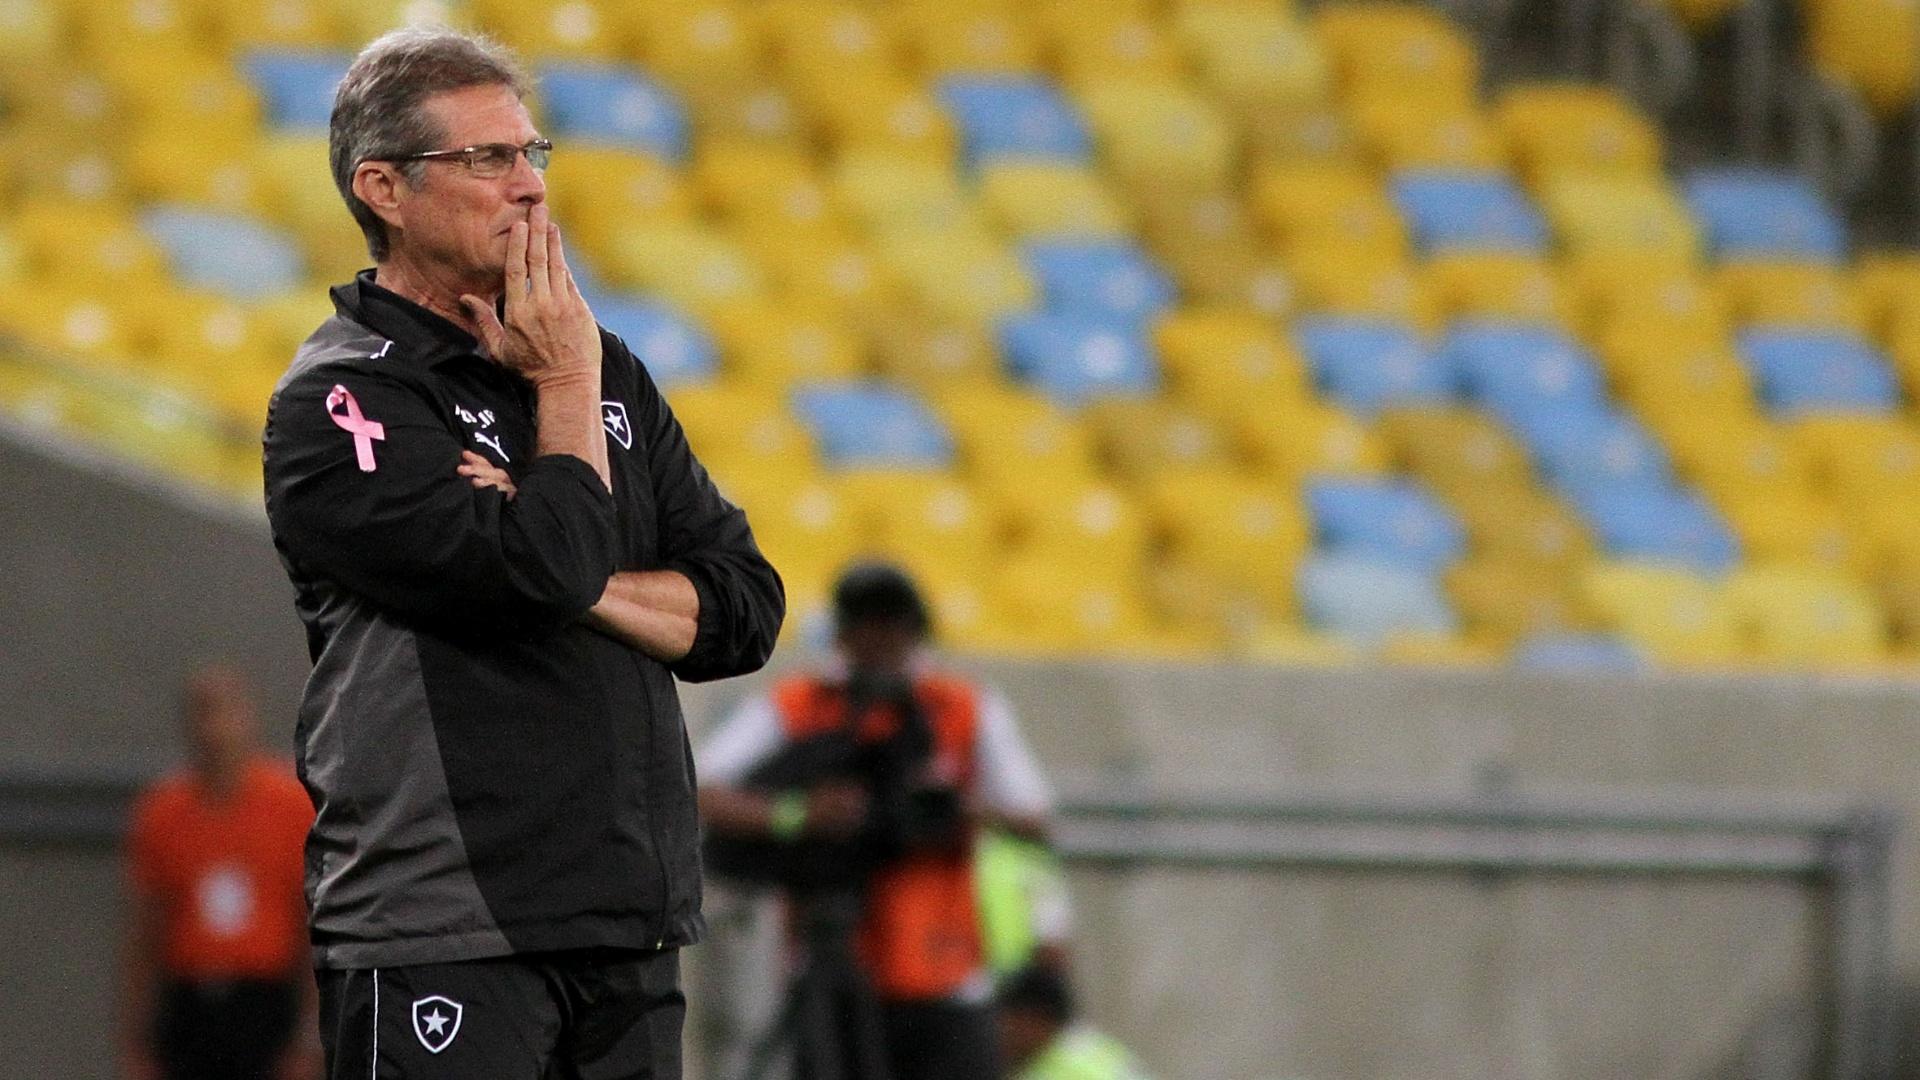 Oswaldo de Oliveira observa o time do Botafogo durante confronto com o Grêmio no Maracanã